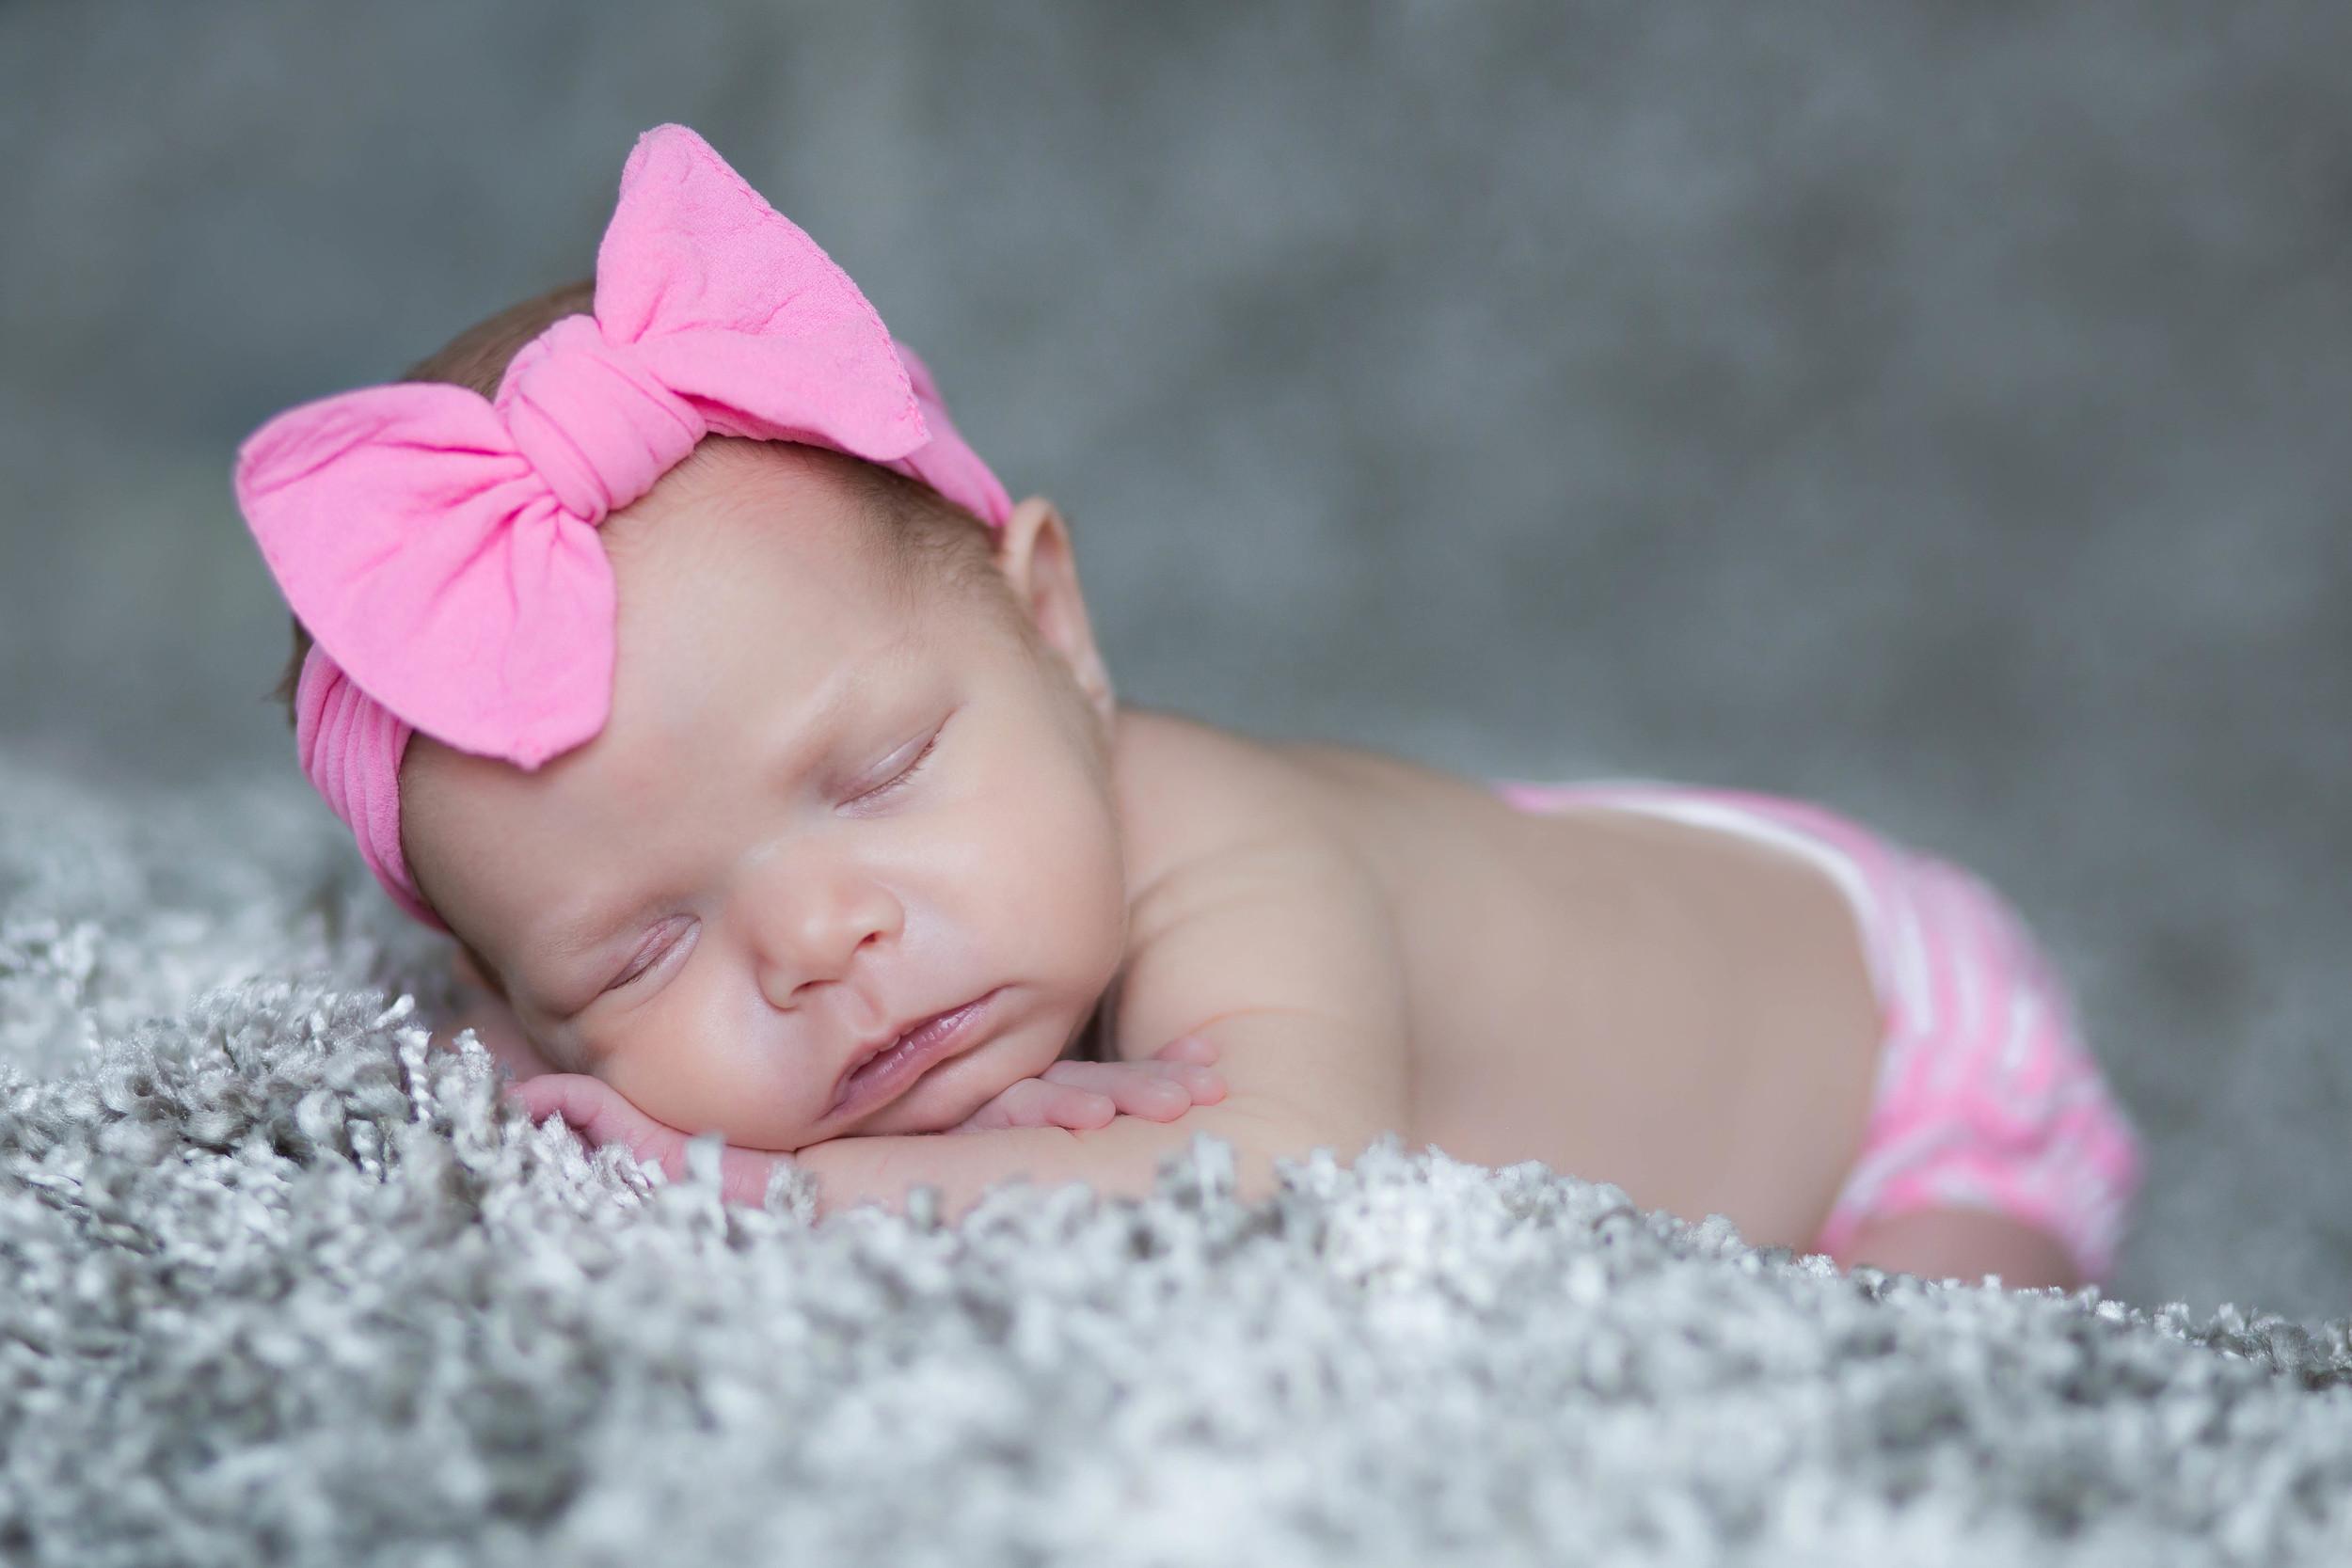 adam-szarmack-jacksonville-newborn-photographer-sunny-12.jpg